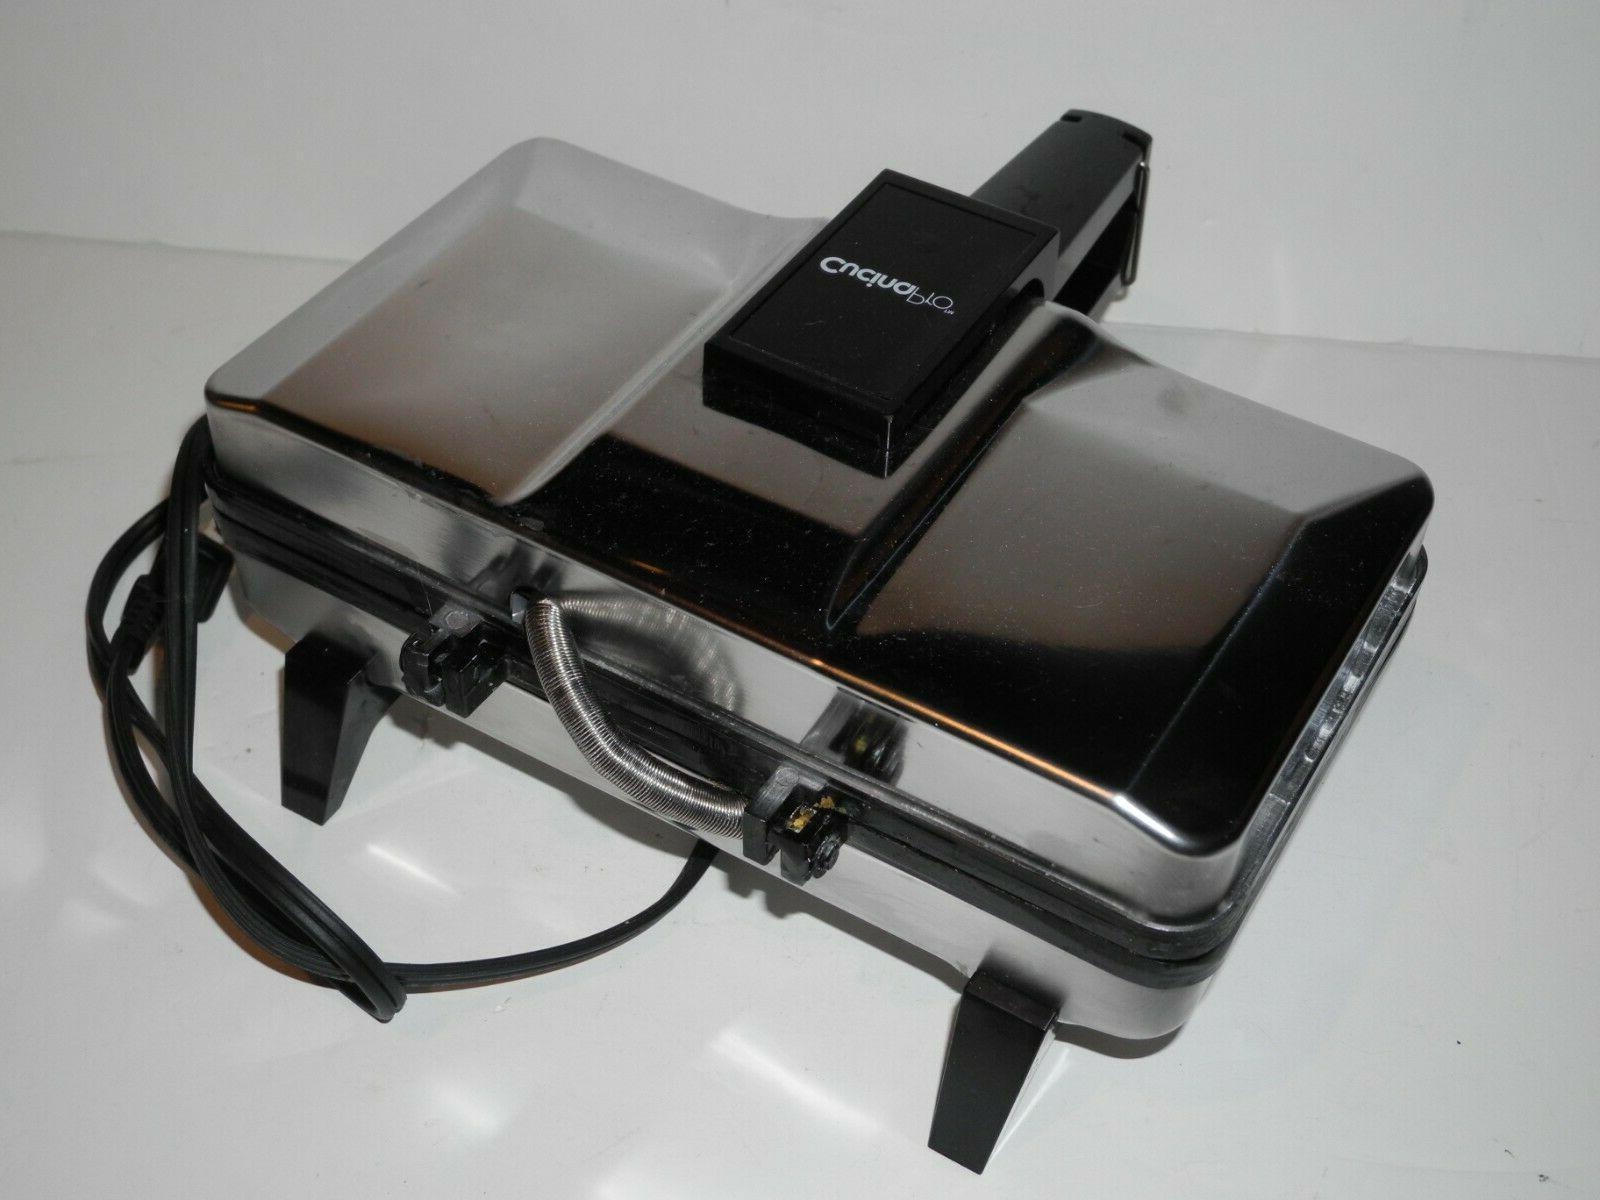 Cucina PIzzelle Maker 760